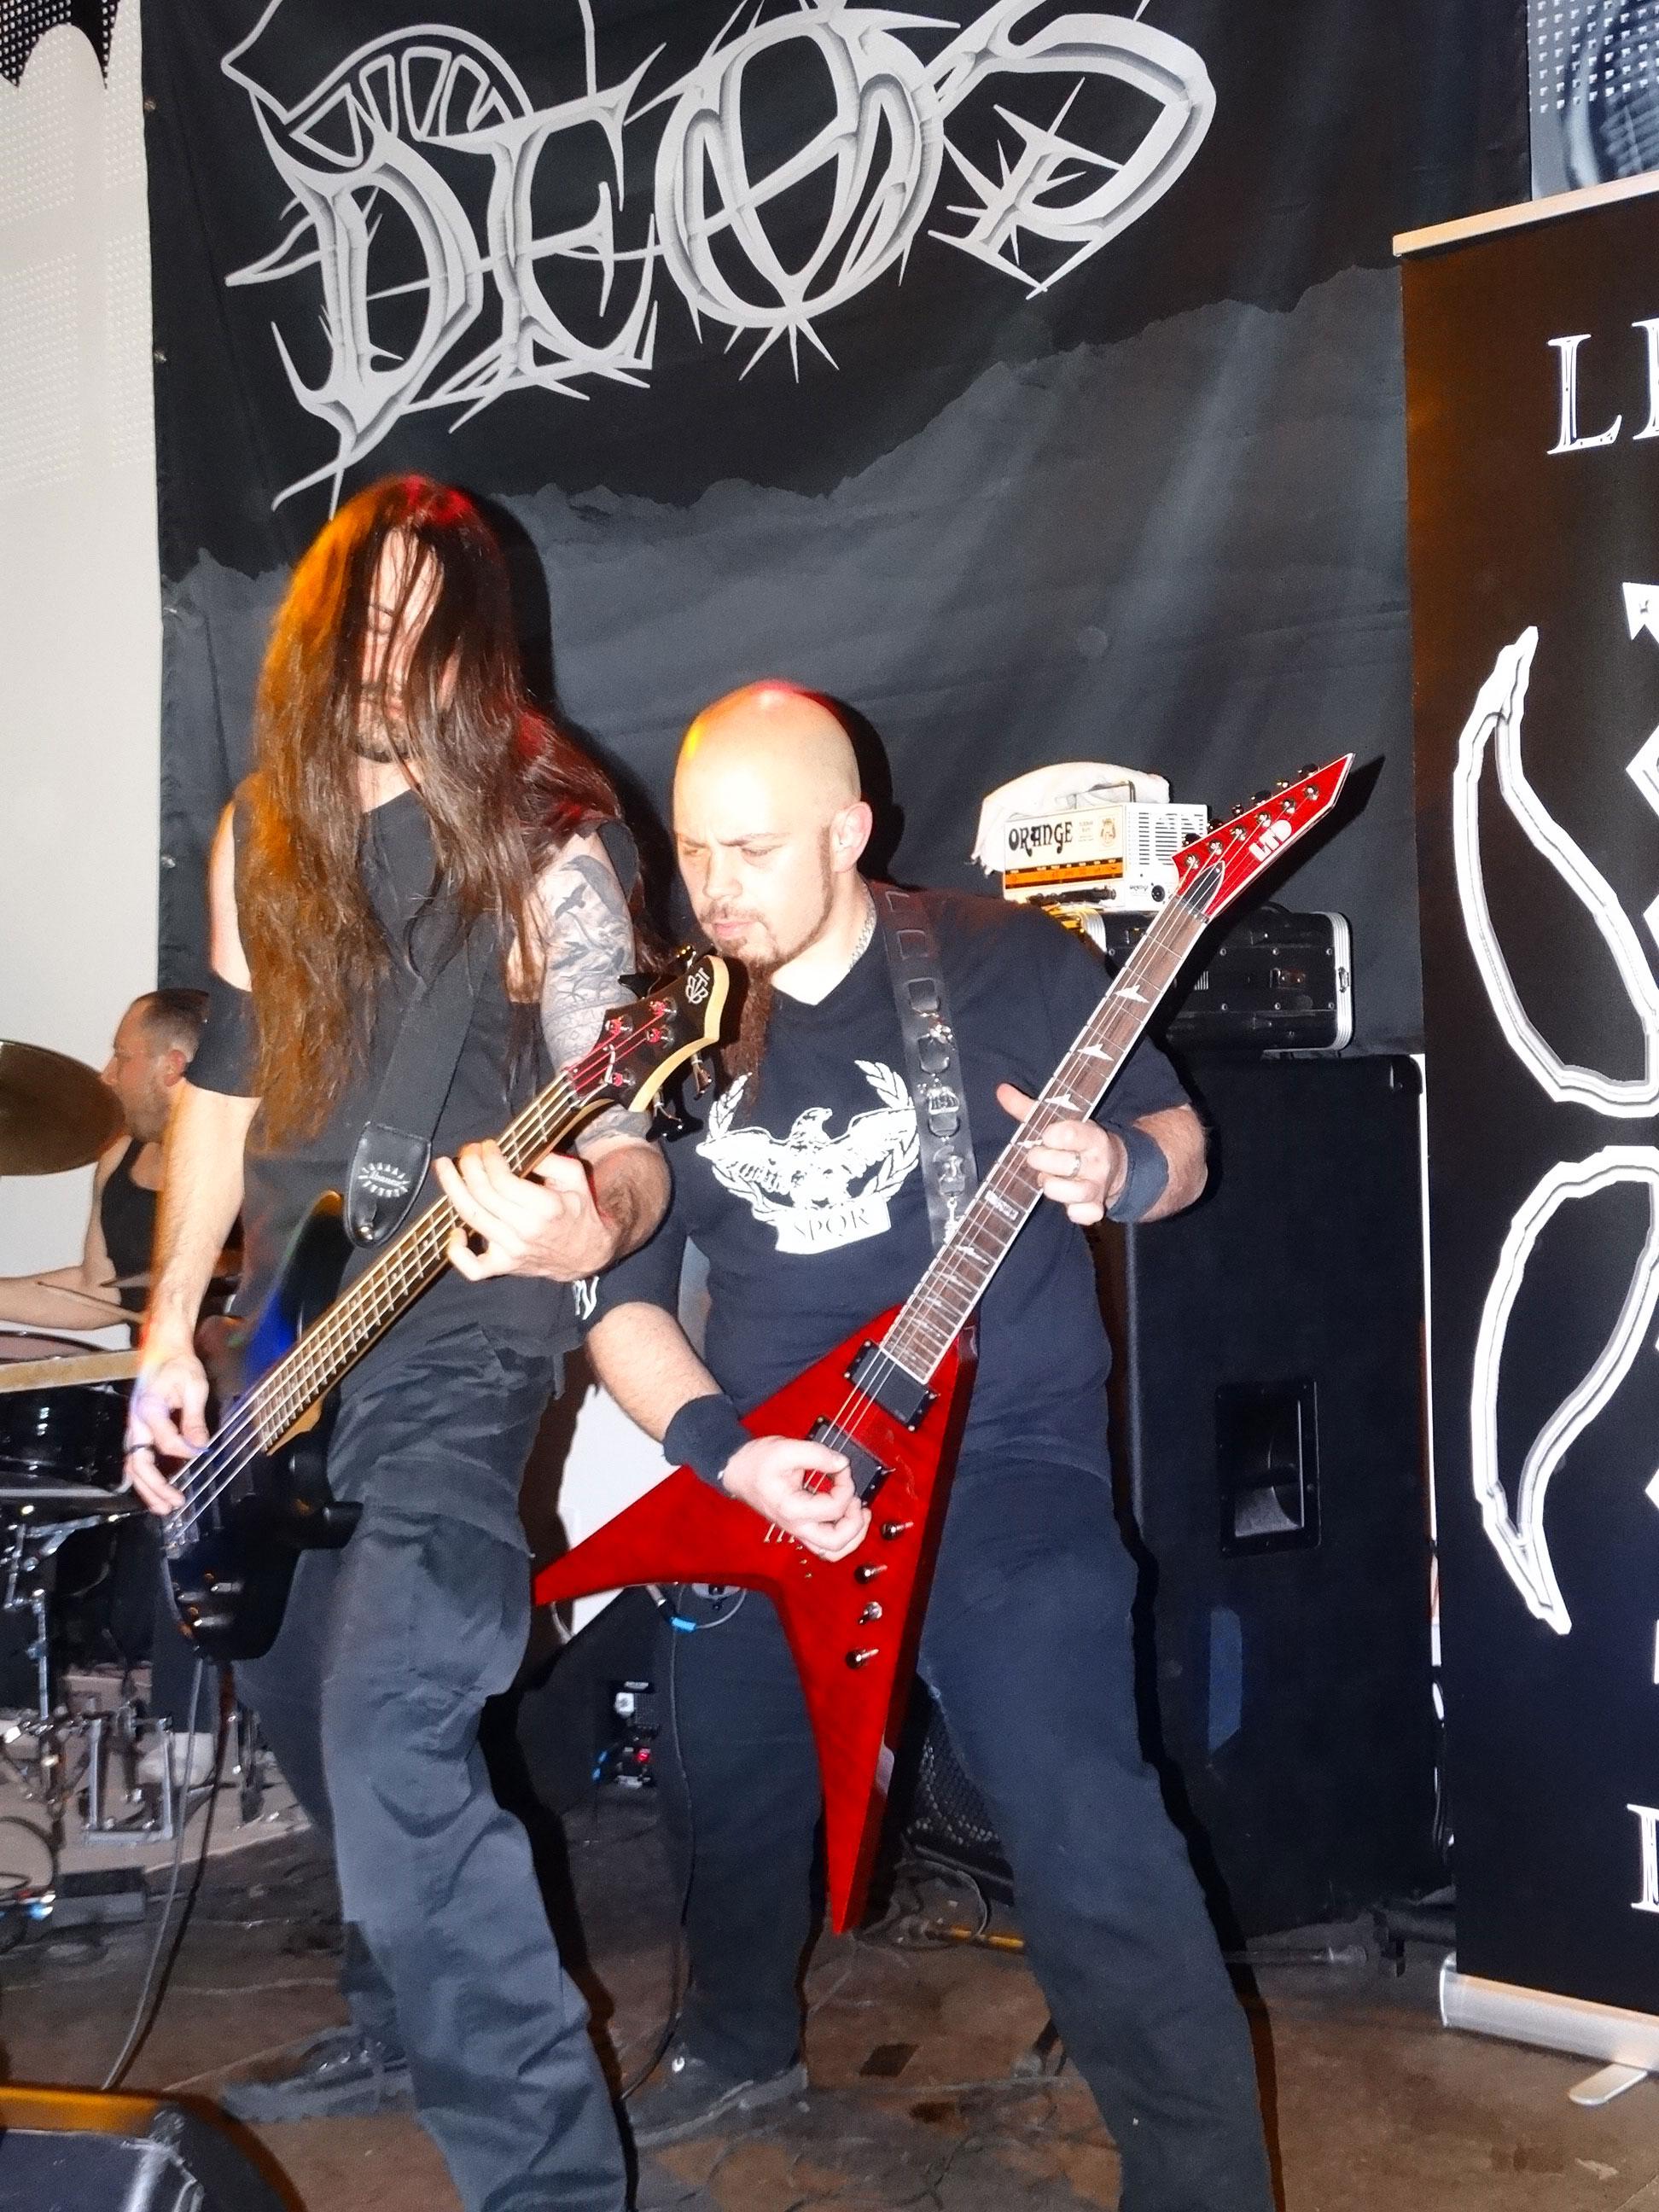 Deos - Chez Drey, Seynod, 27/02/2016